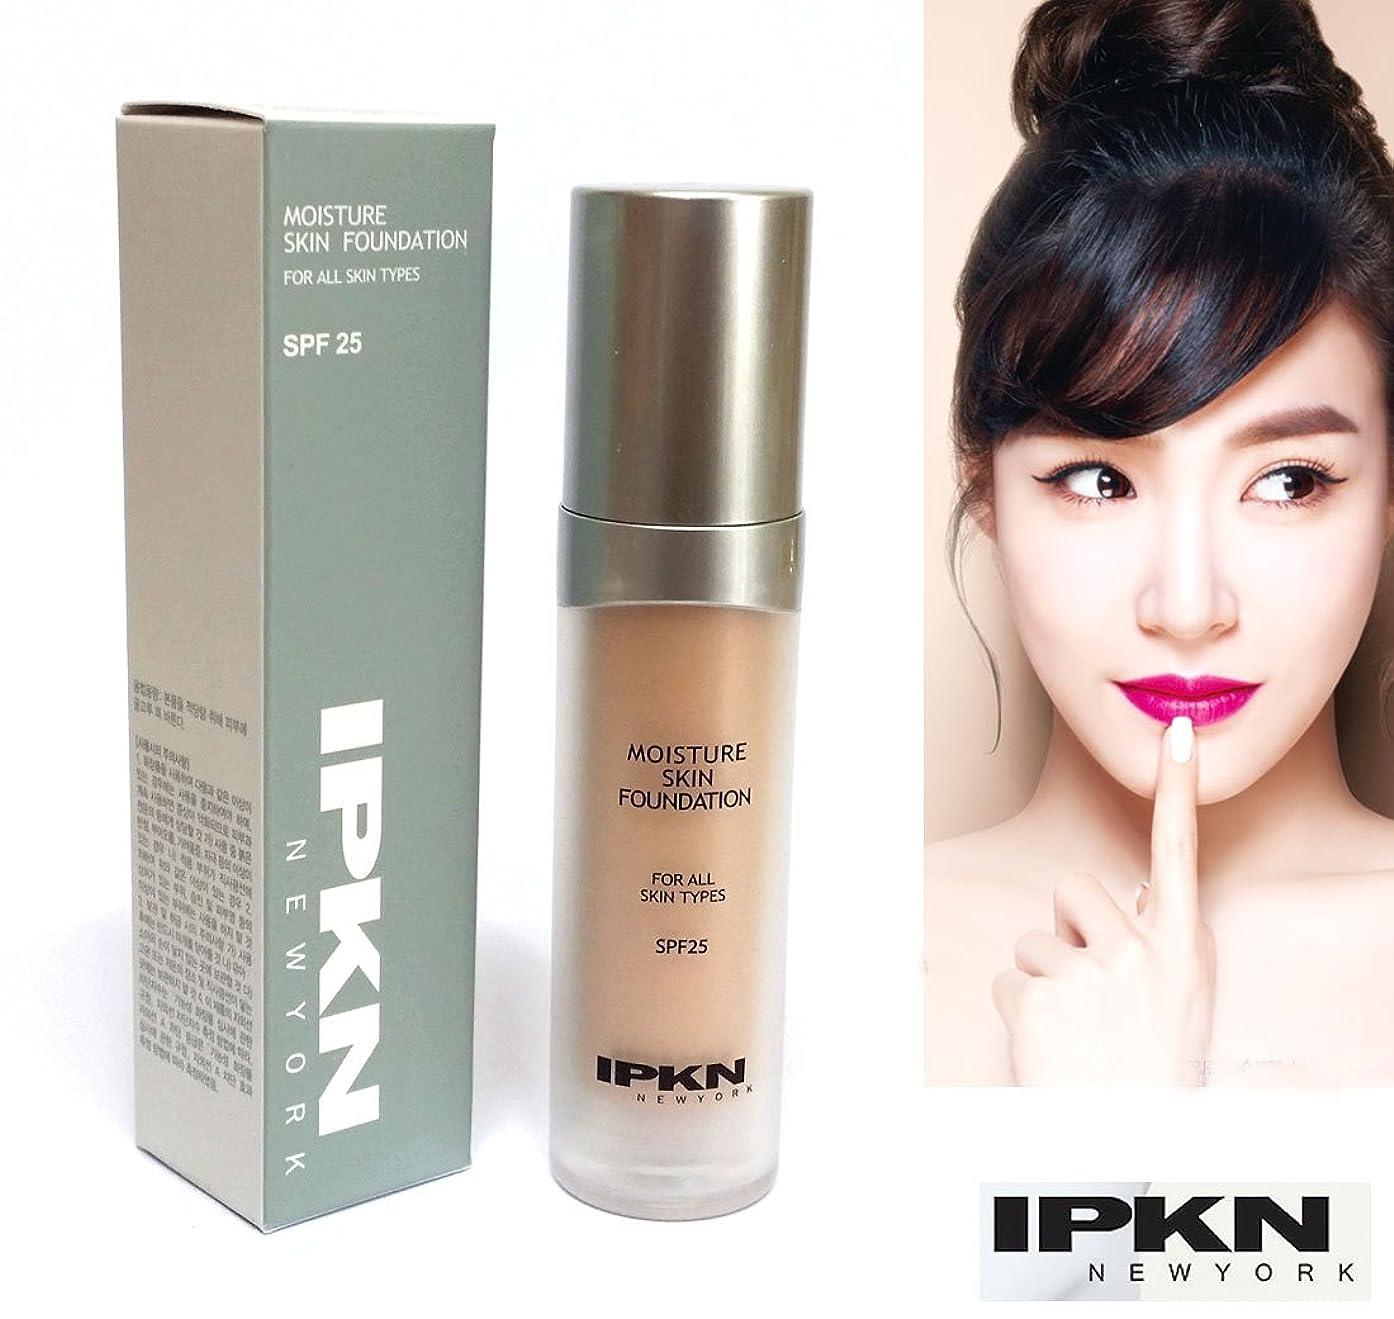 管理者シアーヒット[IPKN] モイスチャースキンファンデーション35ml (21号 - ヌードベージュ) / Moisture Skin Foundation 35ml (No.21 - nude beige) / しっとり&つやのある肌 / moist & radiant skin / 韓国化粧品 / Korean Cosmetics [並行輸入品]